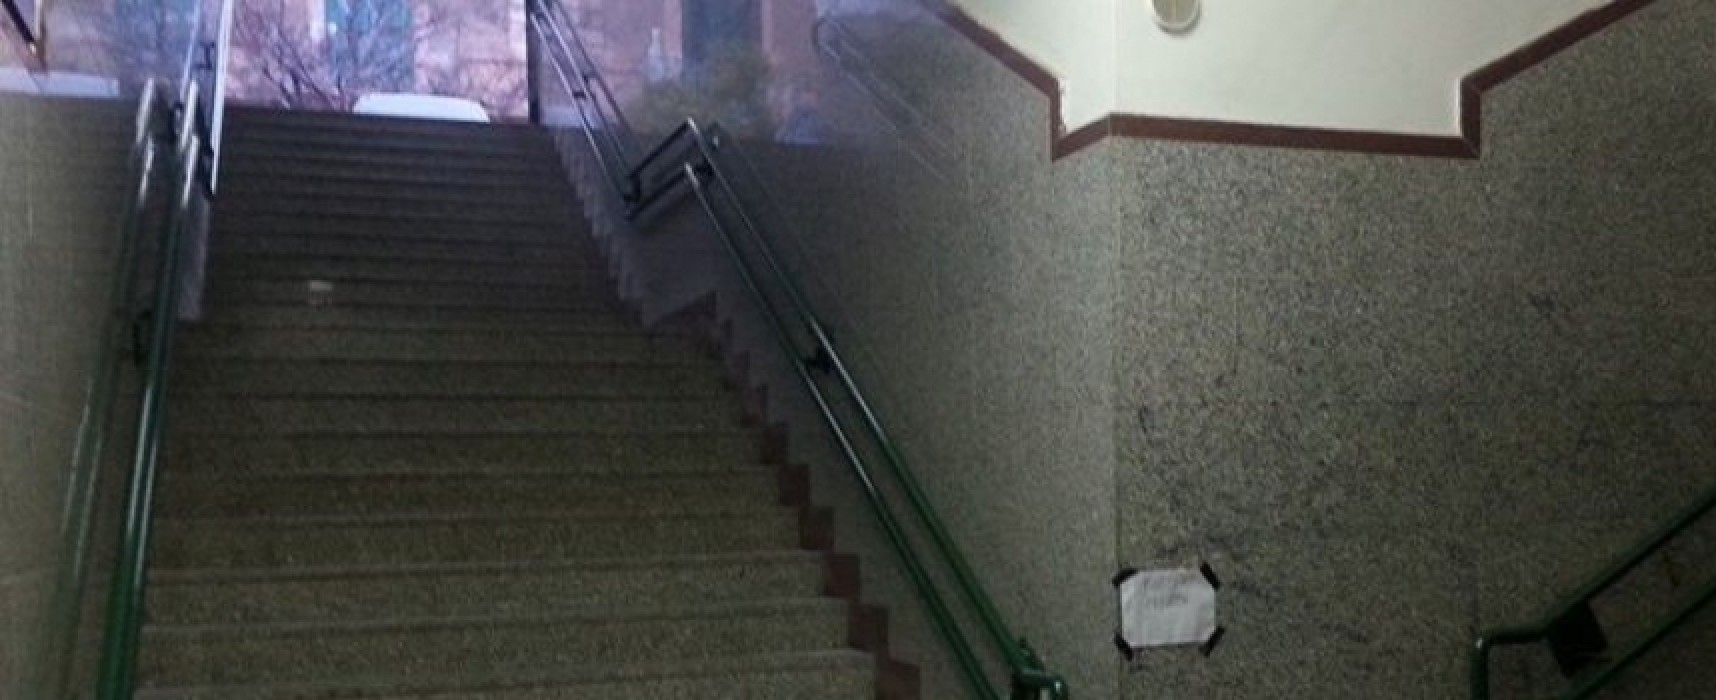 Sindaco Spina annuncia sit-in per abbattimento barriere architettoniche stazione ferroviaria